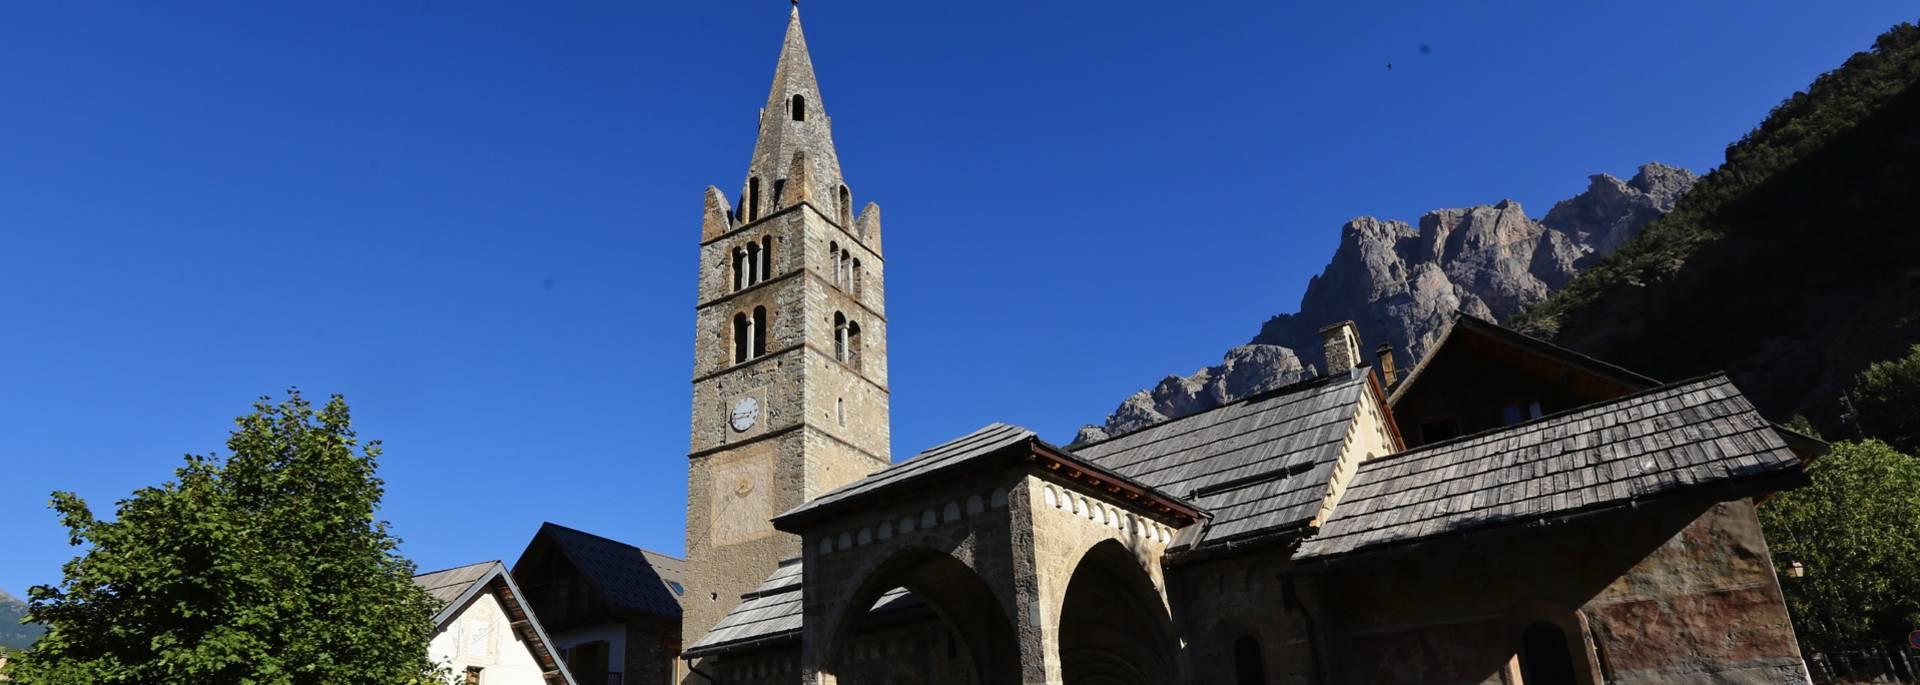 Eglise Vigneux